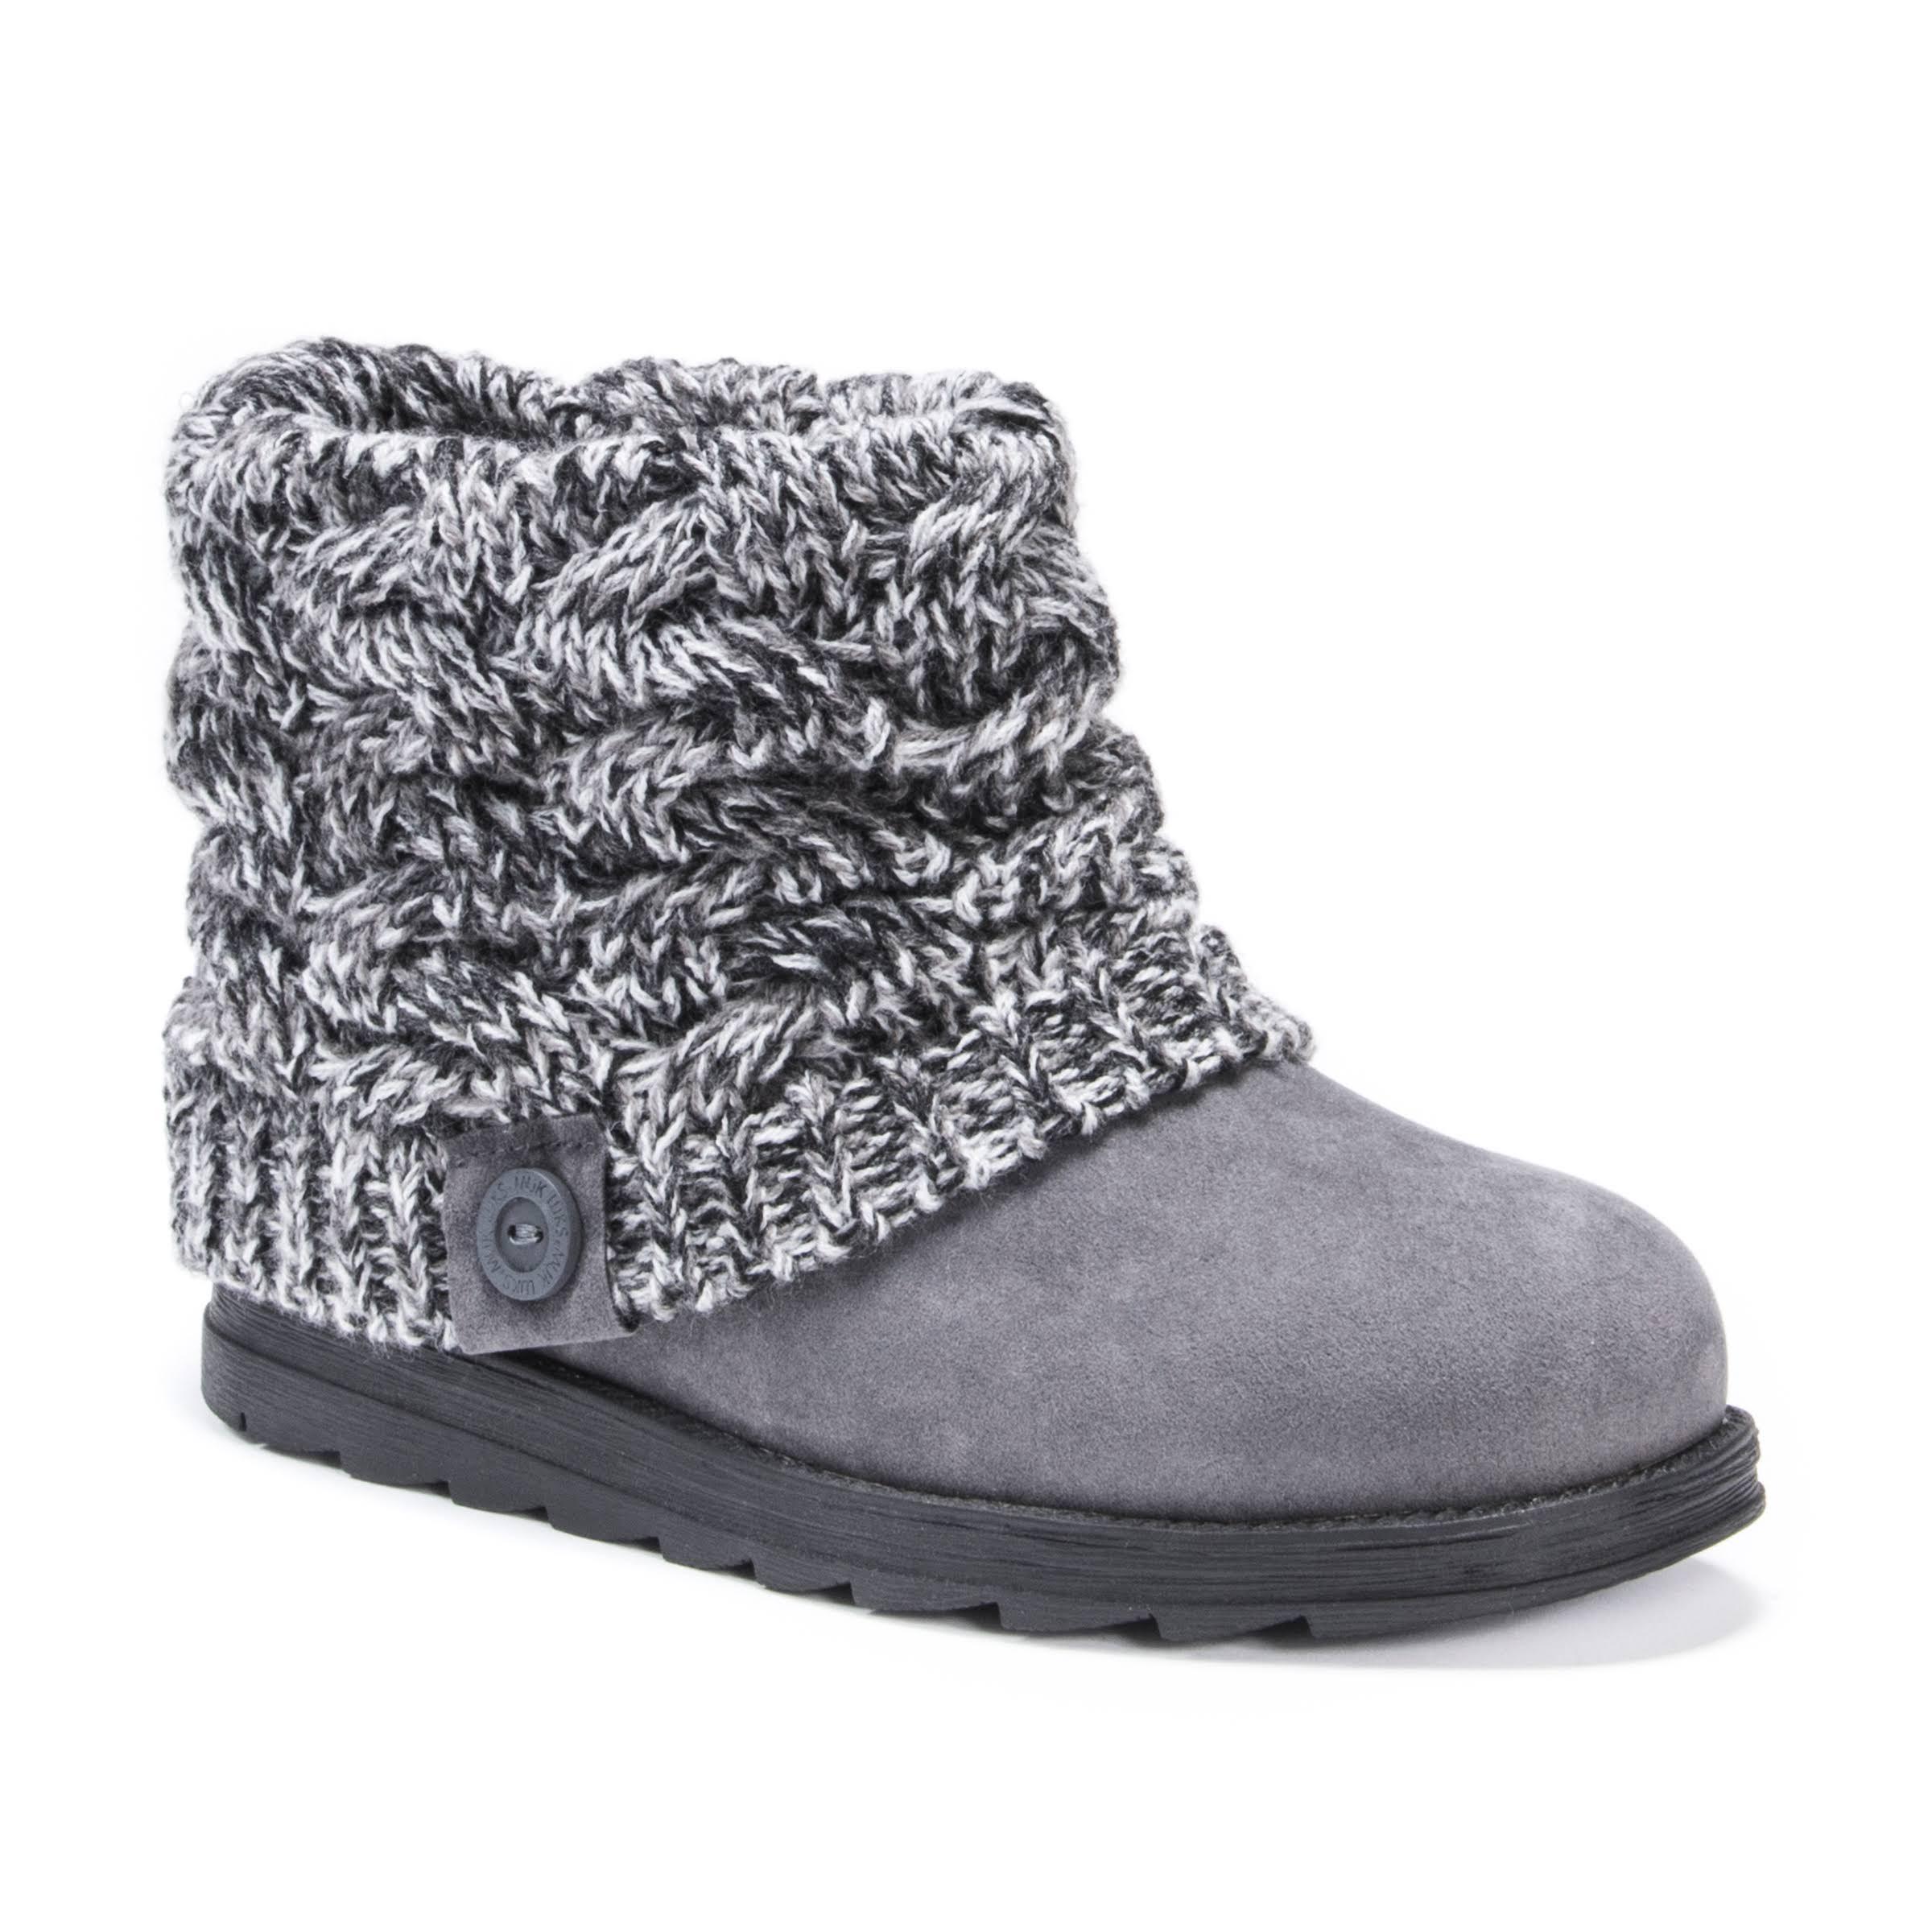 Boot Cuff Knit Patti Black Short Muk Luks qRnZHCwaav